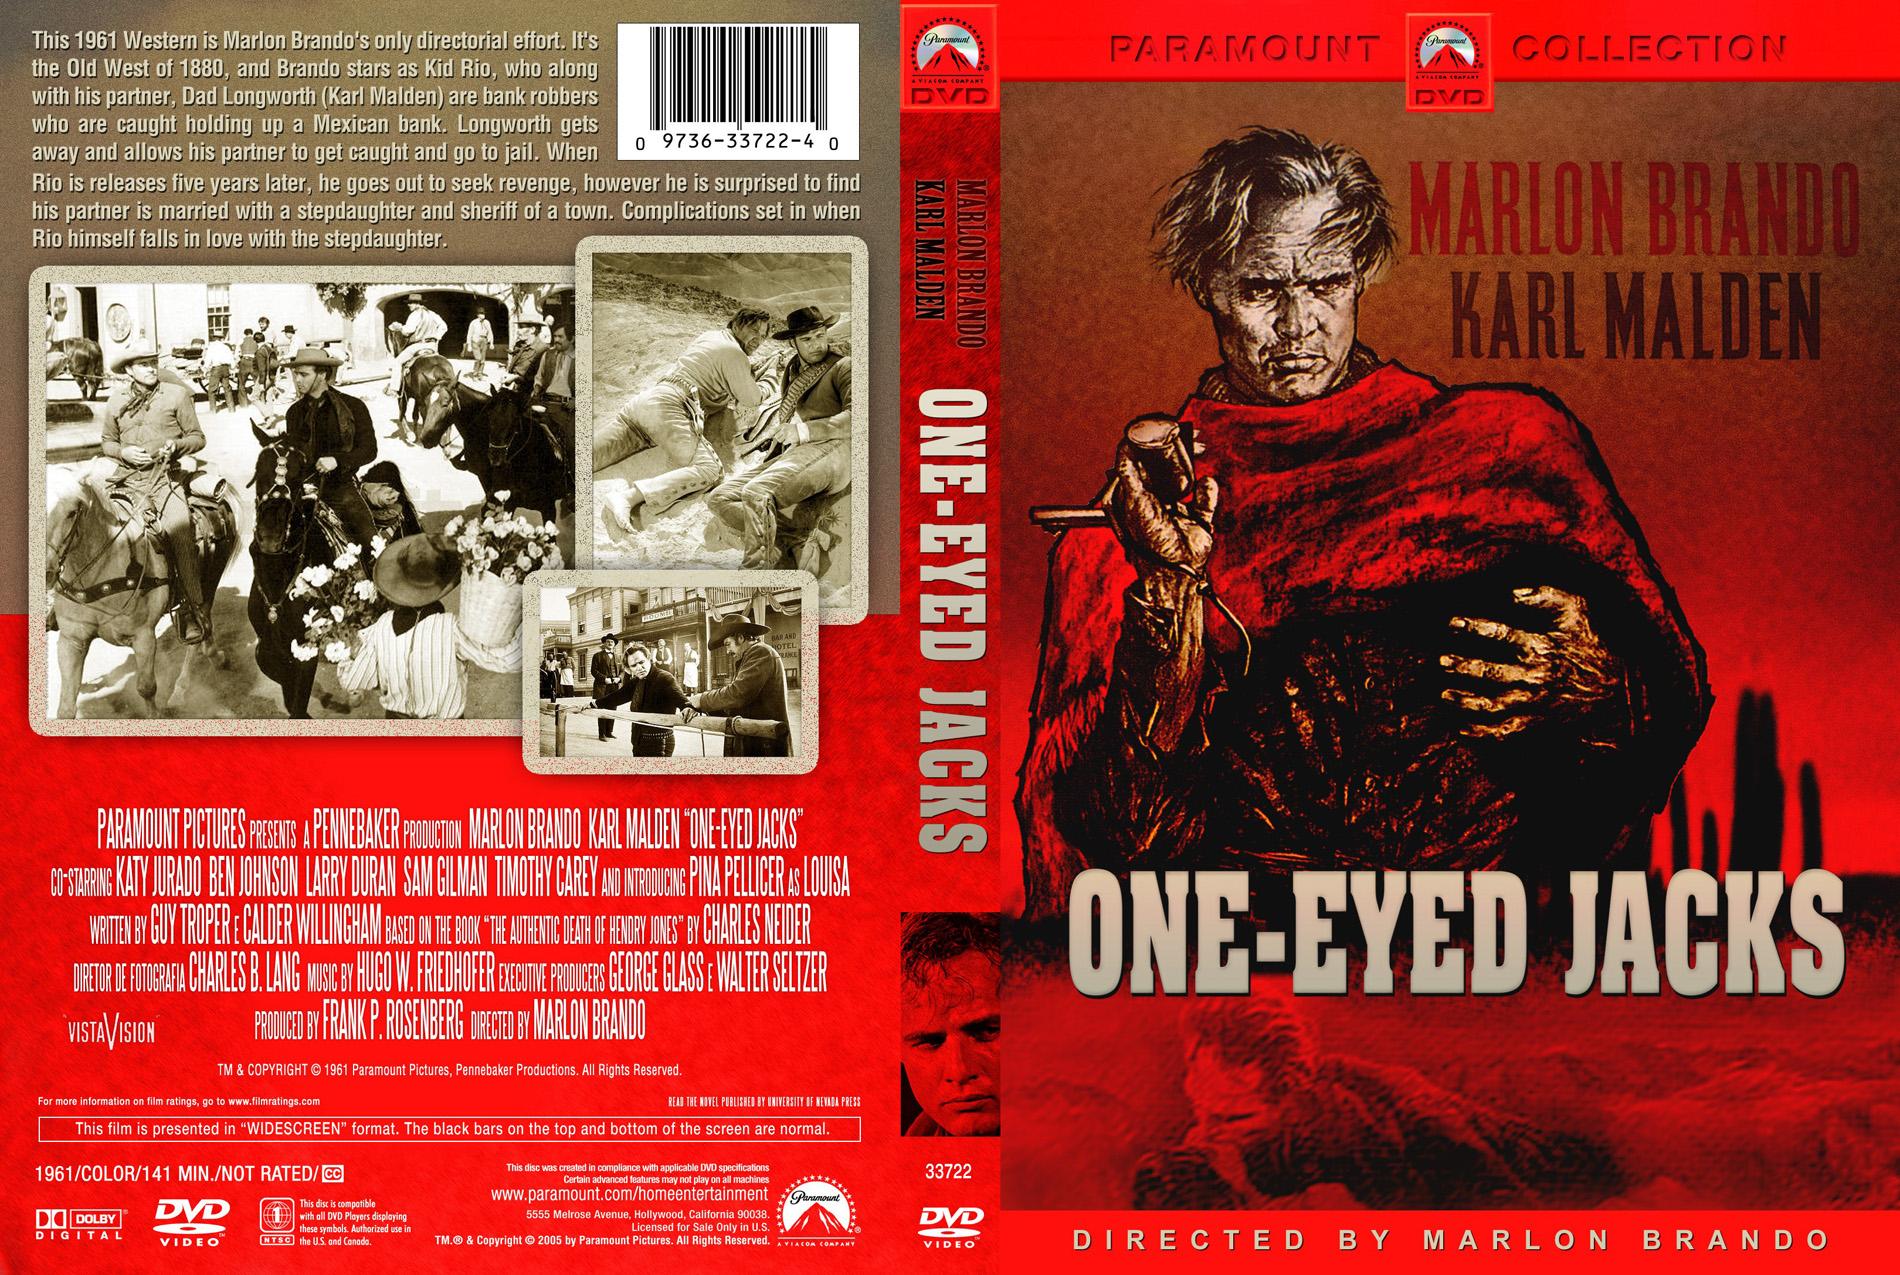 کاور فیلم سربازان یک چشم